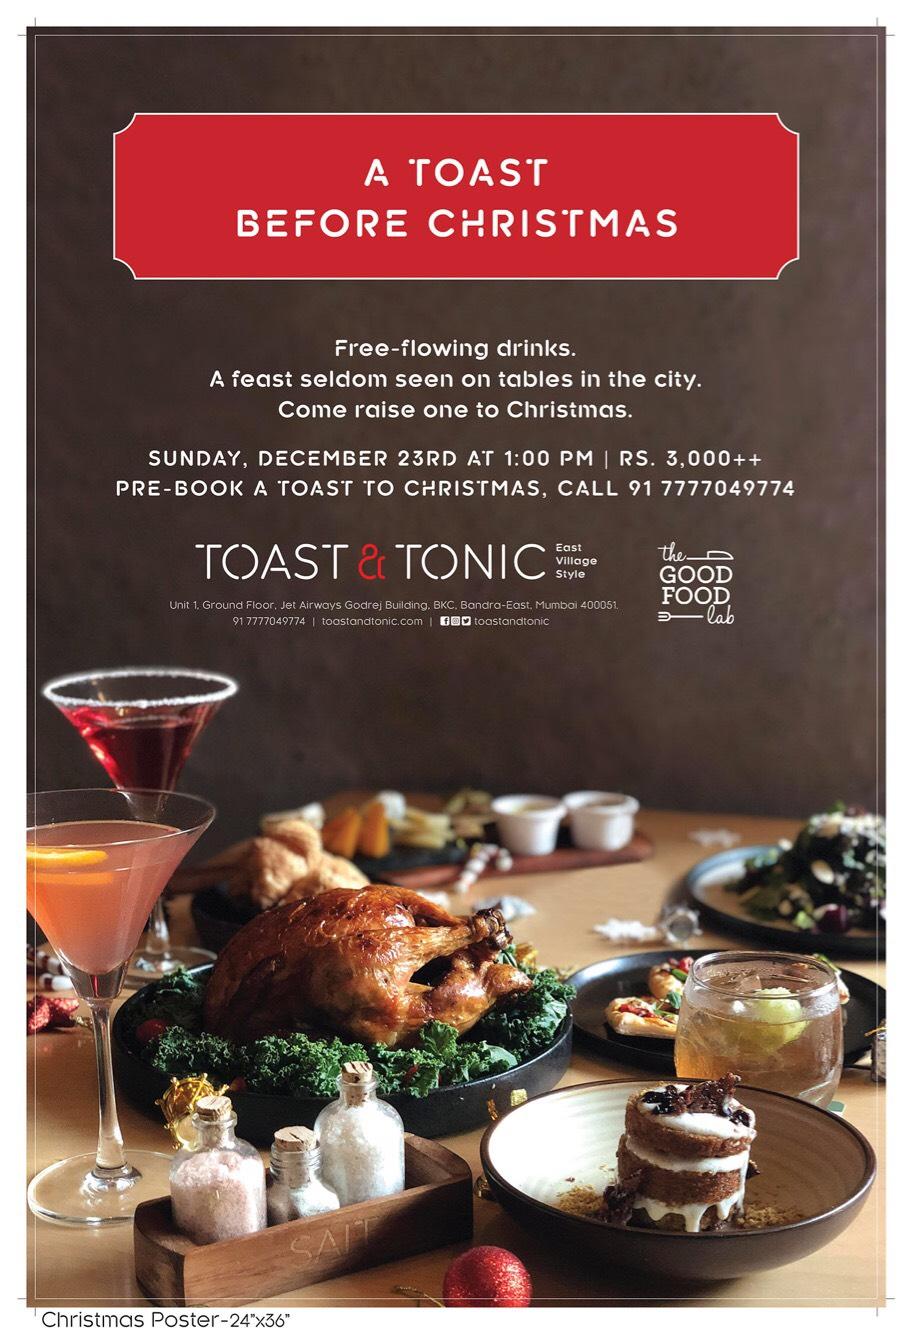 Toast & Tonic Christmas Feast